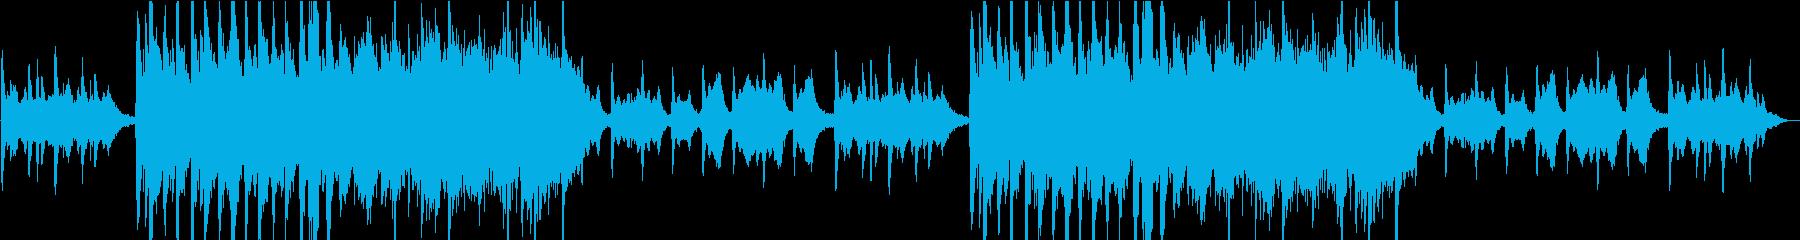 不思議の国のようなダークメルヘン曲の再生済みの波形